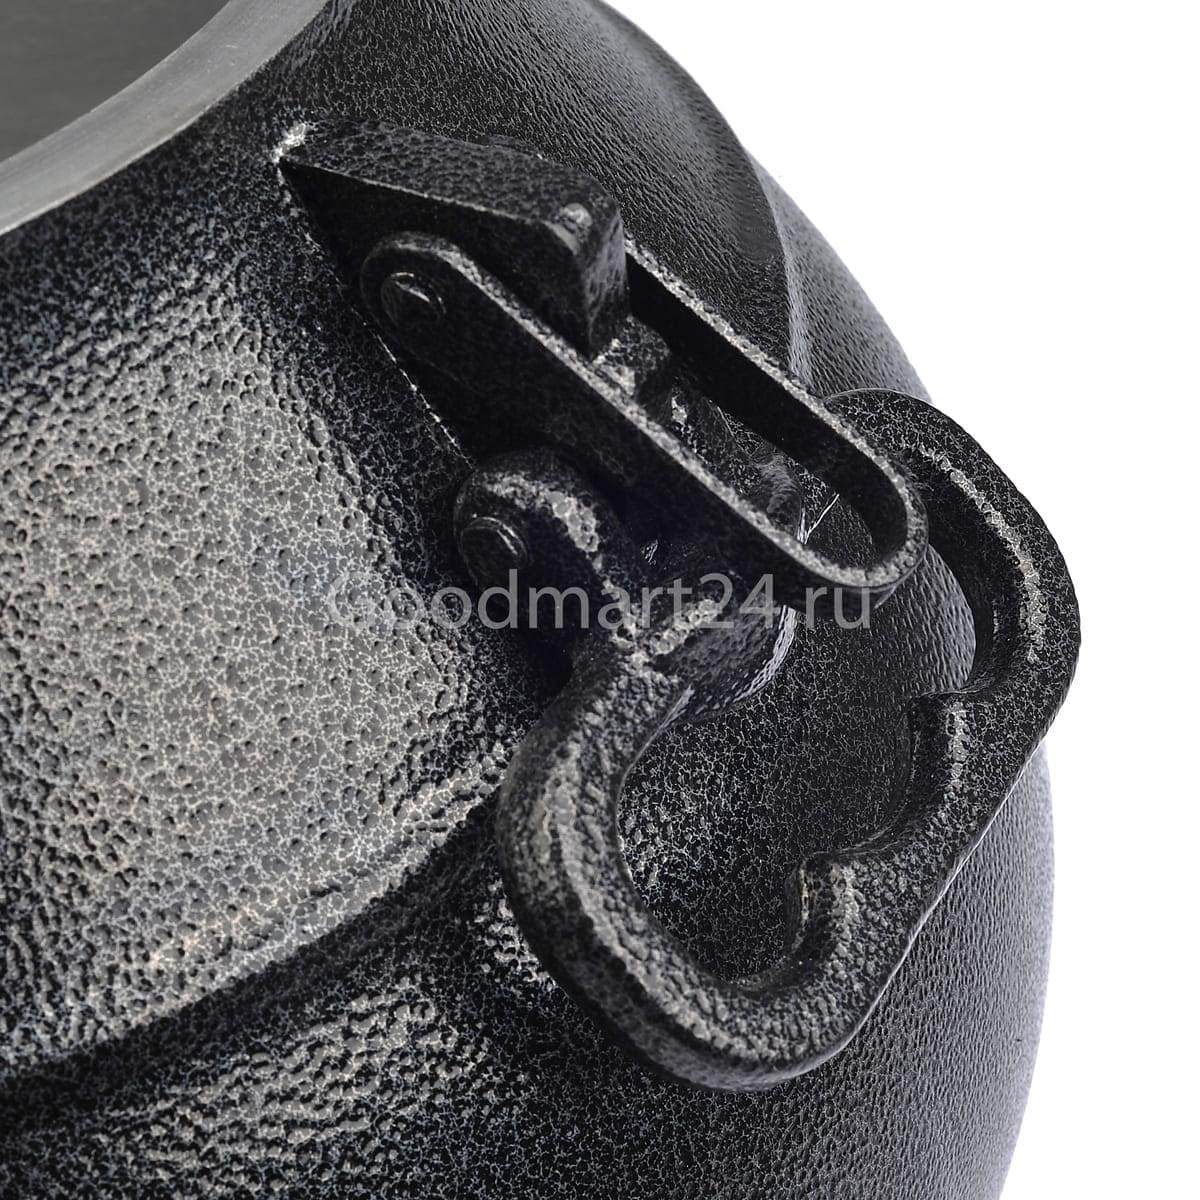 заказать Афганский казан-скороварка 15 литров чёрный алюминиевый